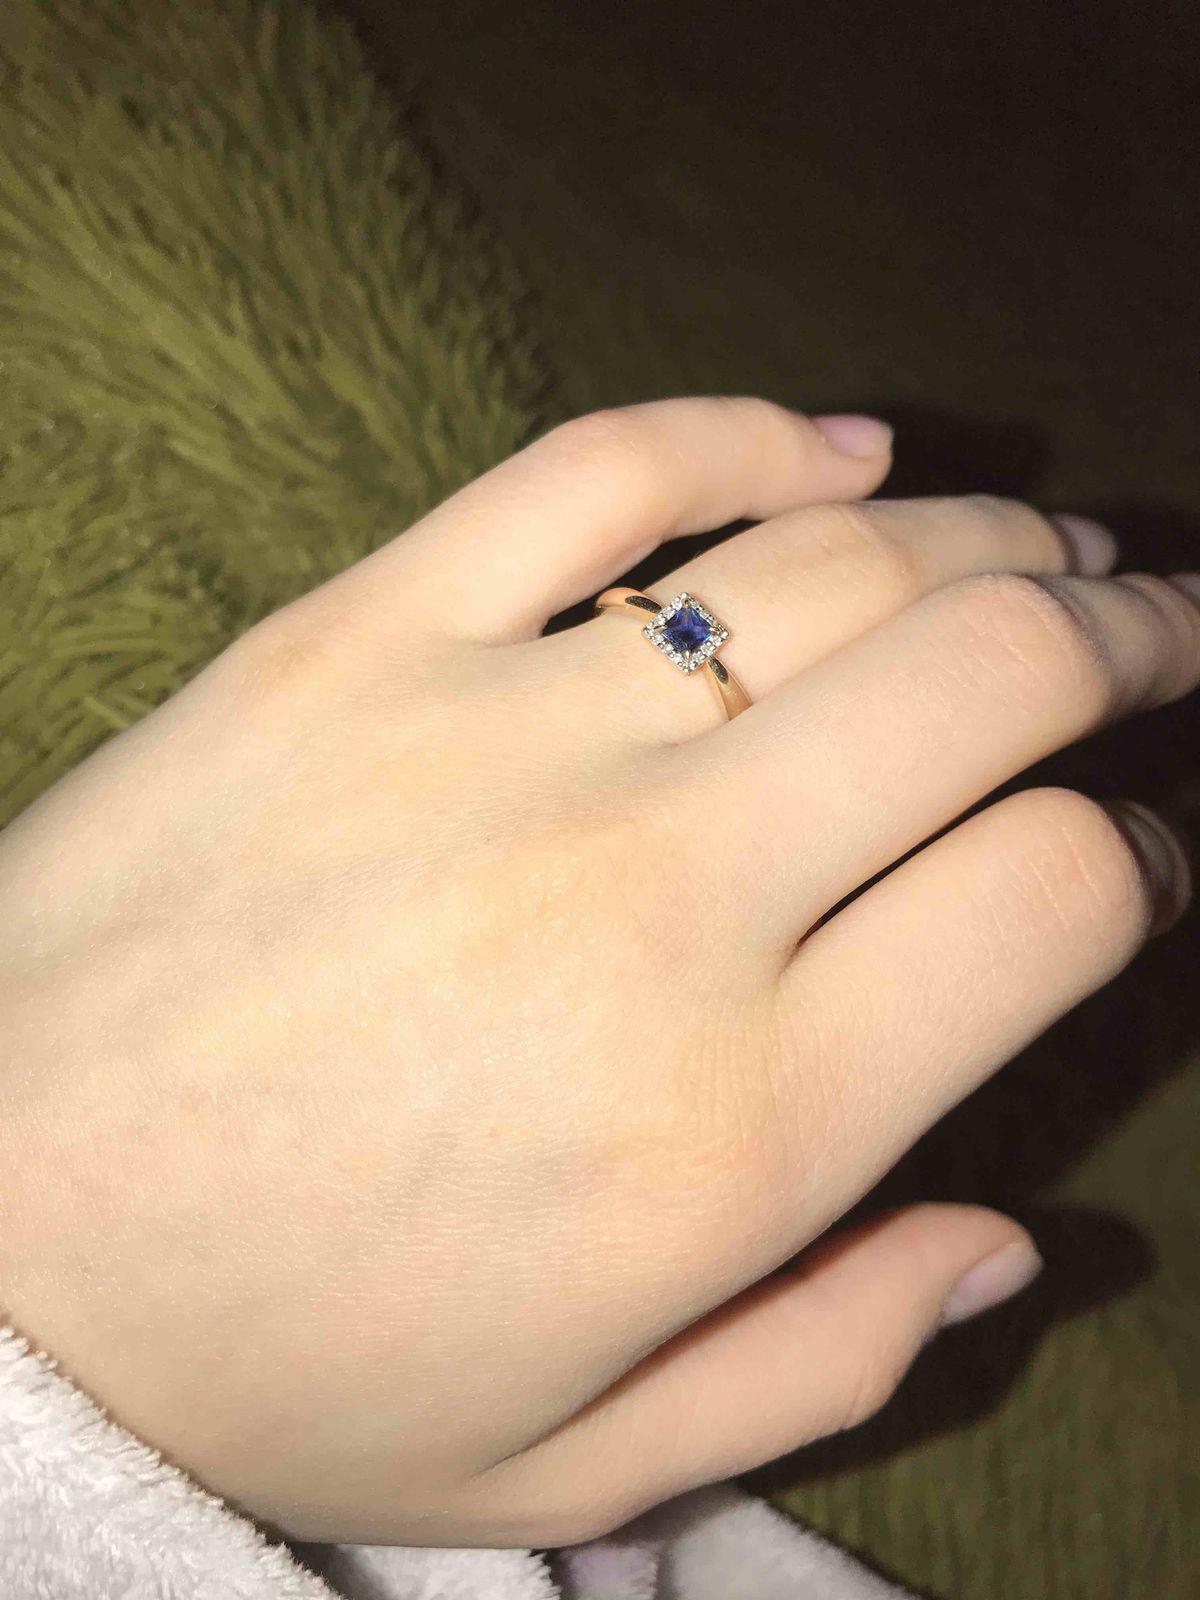 Мега крутое кольцо с сапфиром и брилиантами